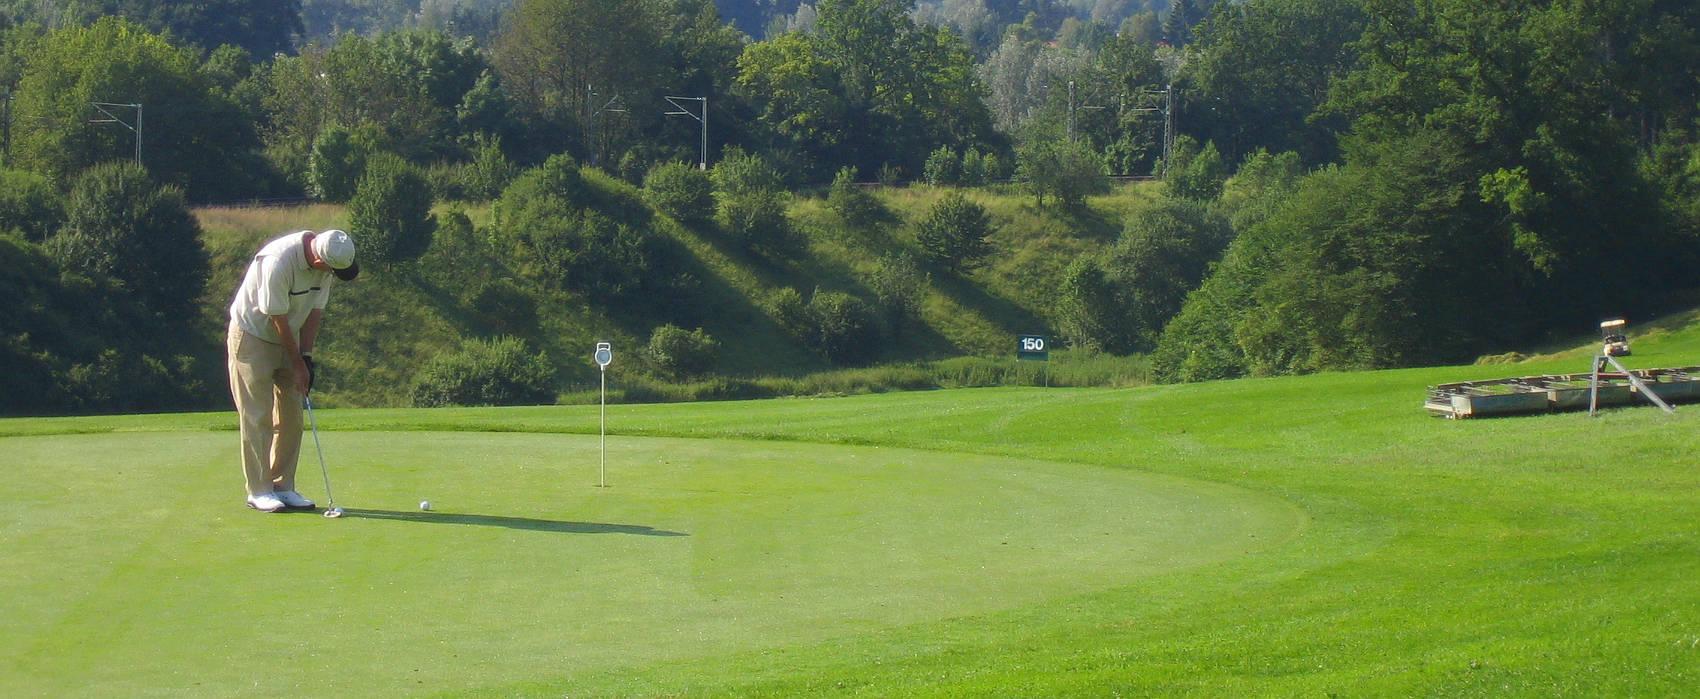 Golfplätze rund um den Starnberger See